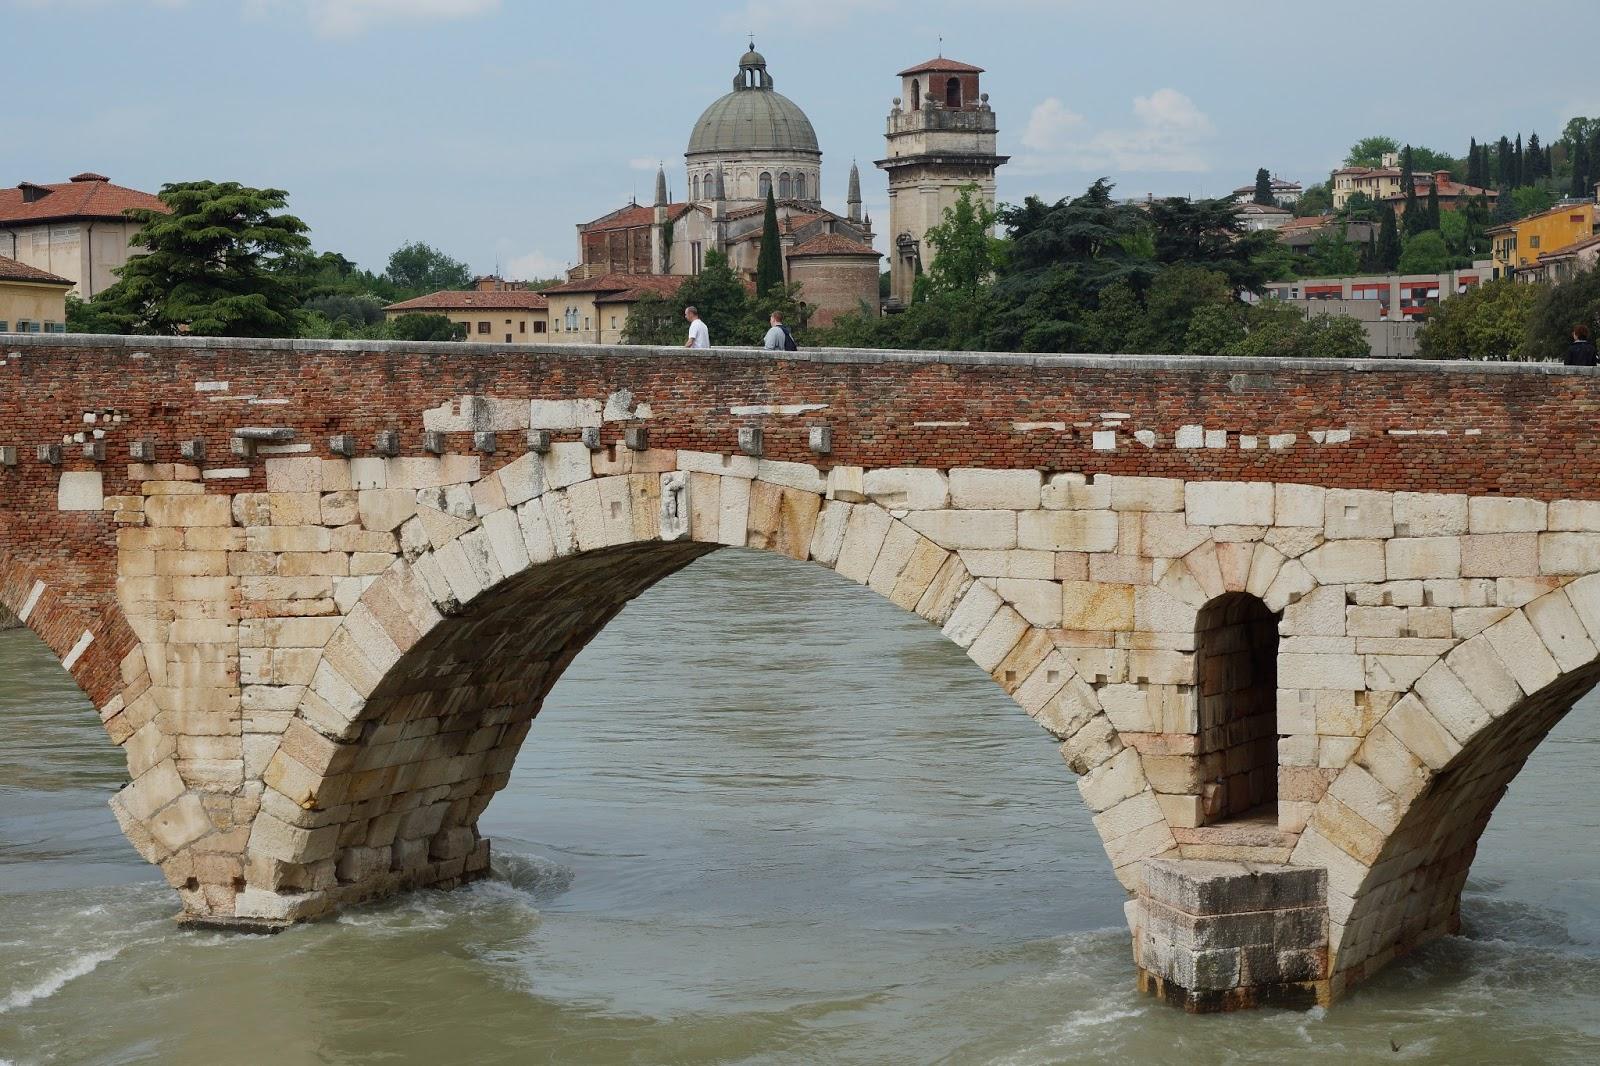 Ancient Roman bridge in Verona   original stone is lighter coloured Roman Bridges